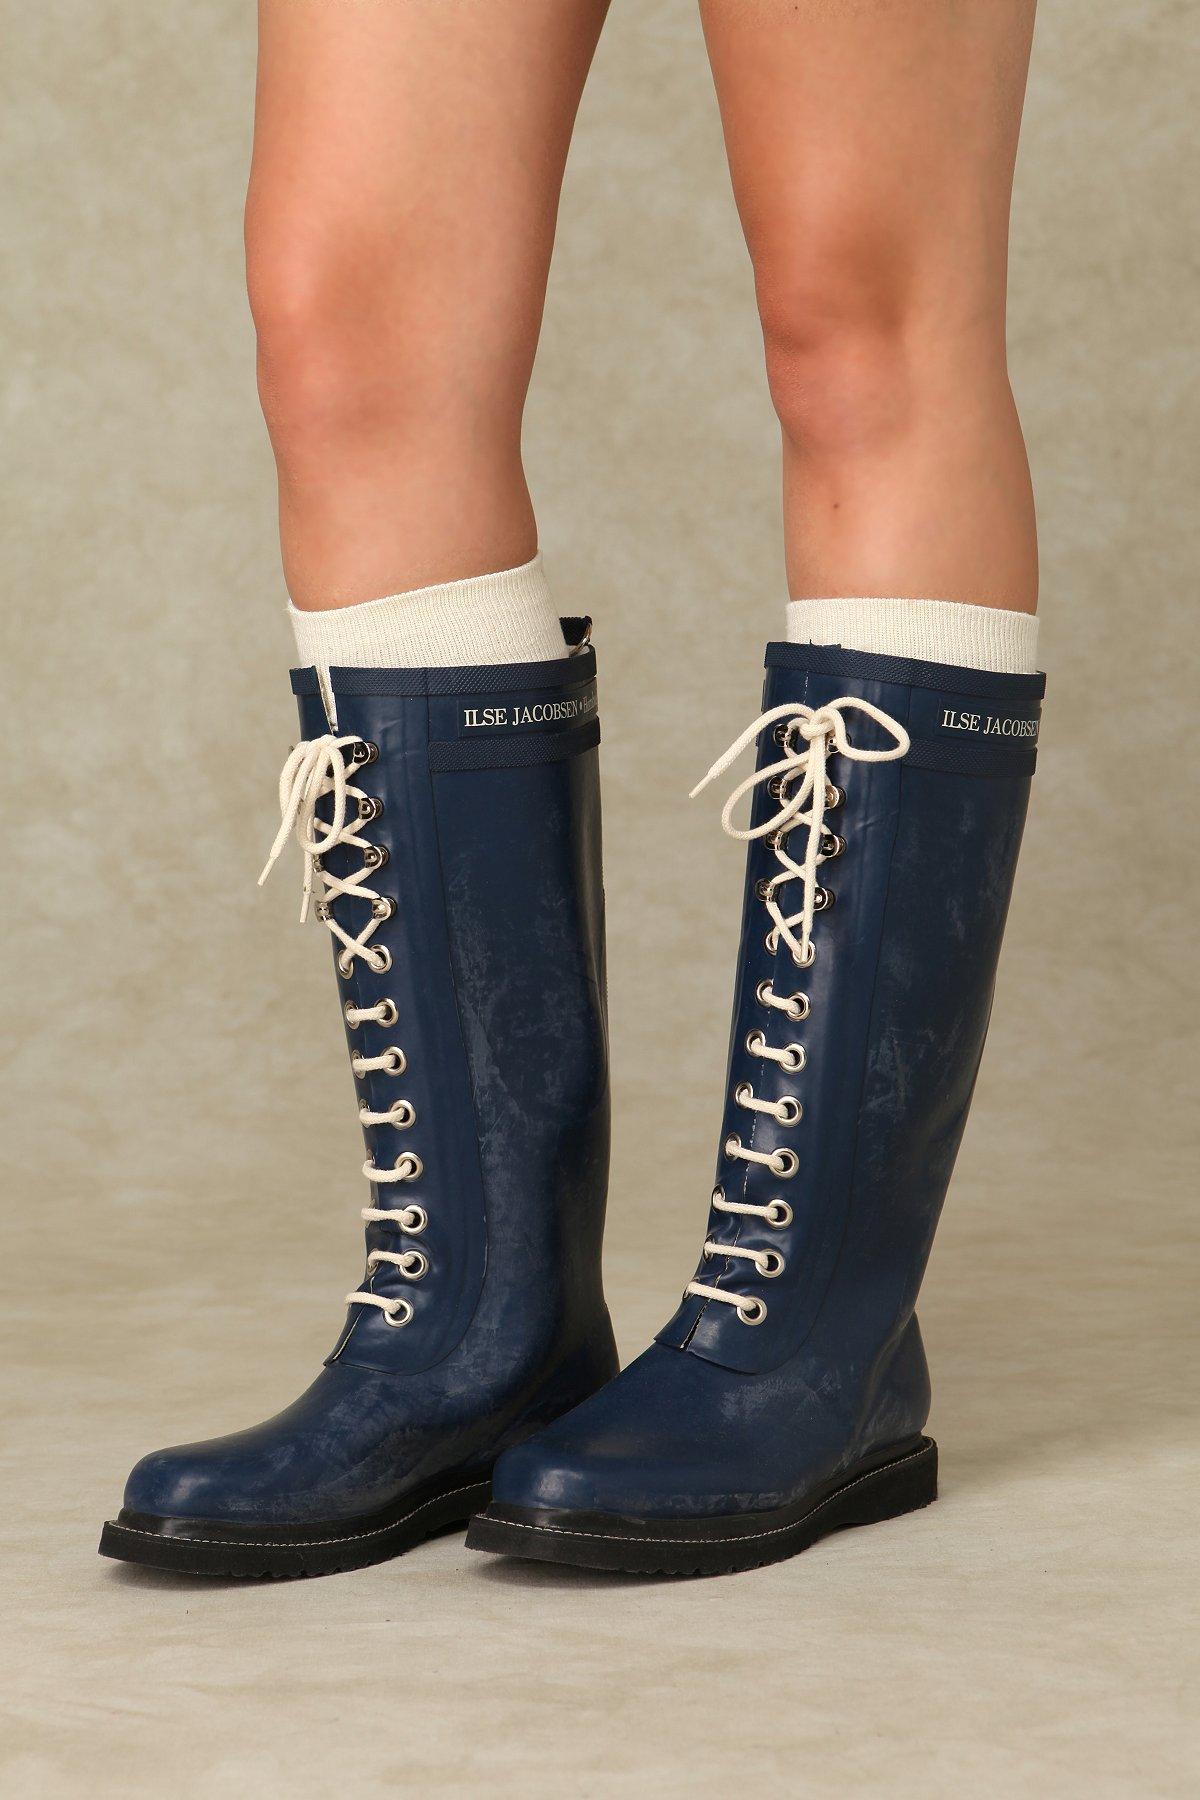 Ilse Lace Up Rain Boots